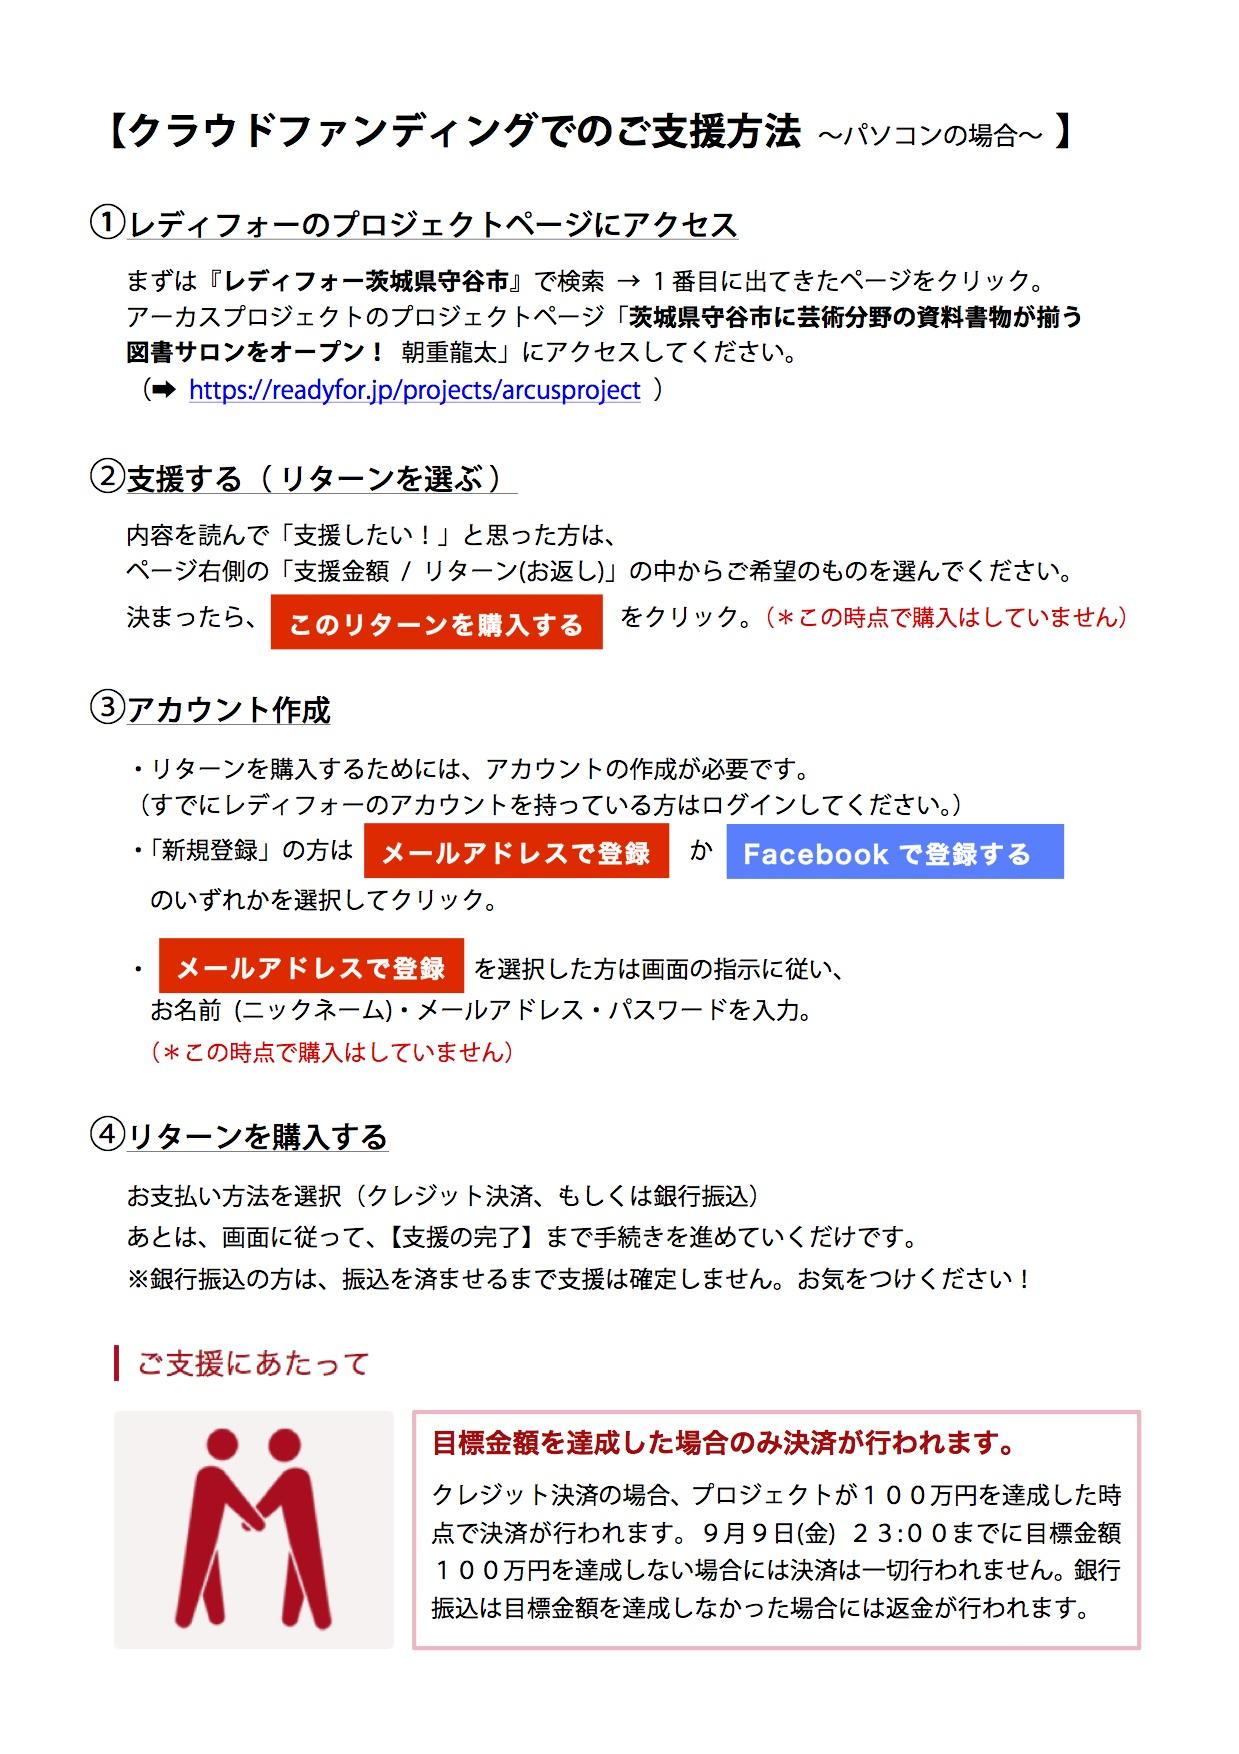 howto_crowdfund.jpg